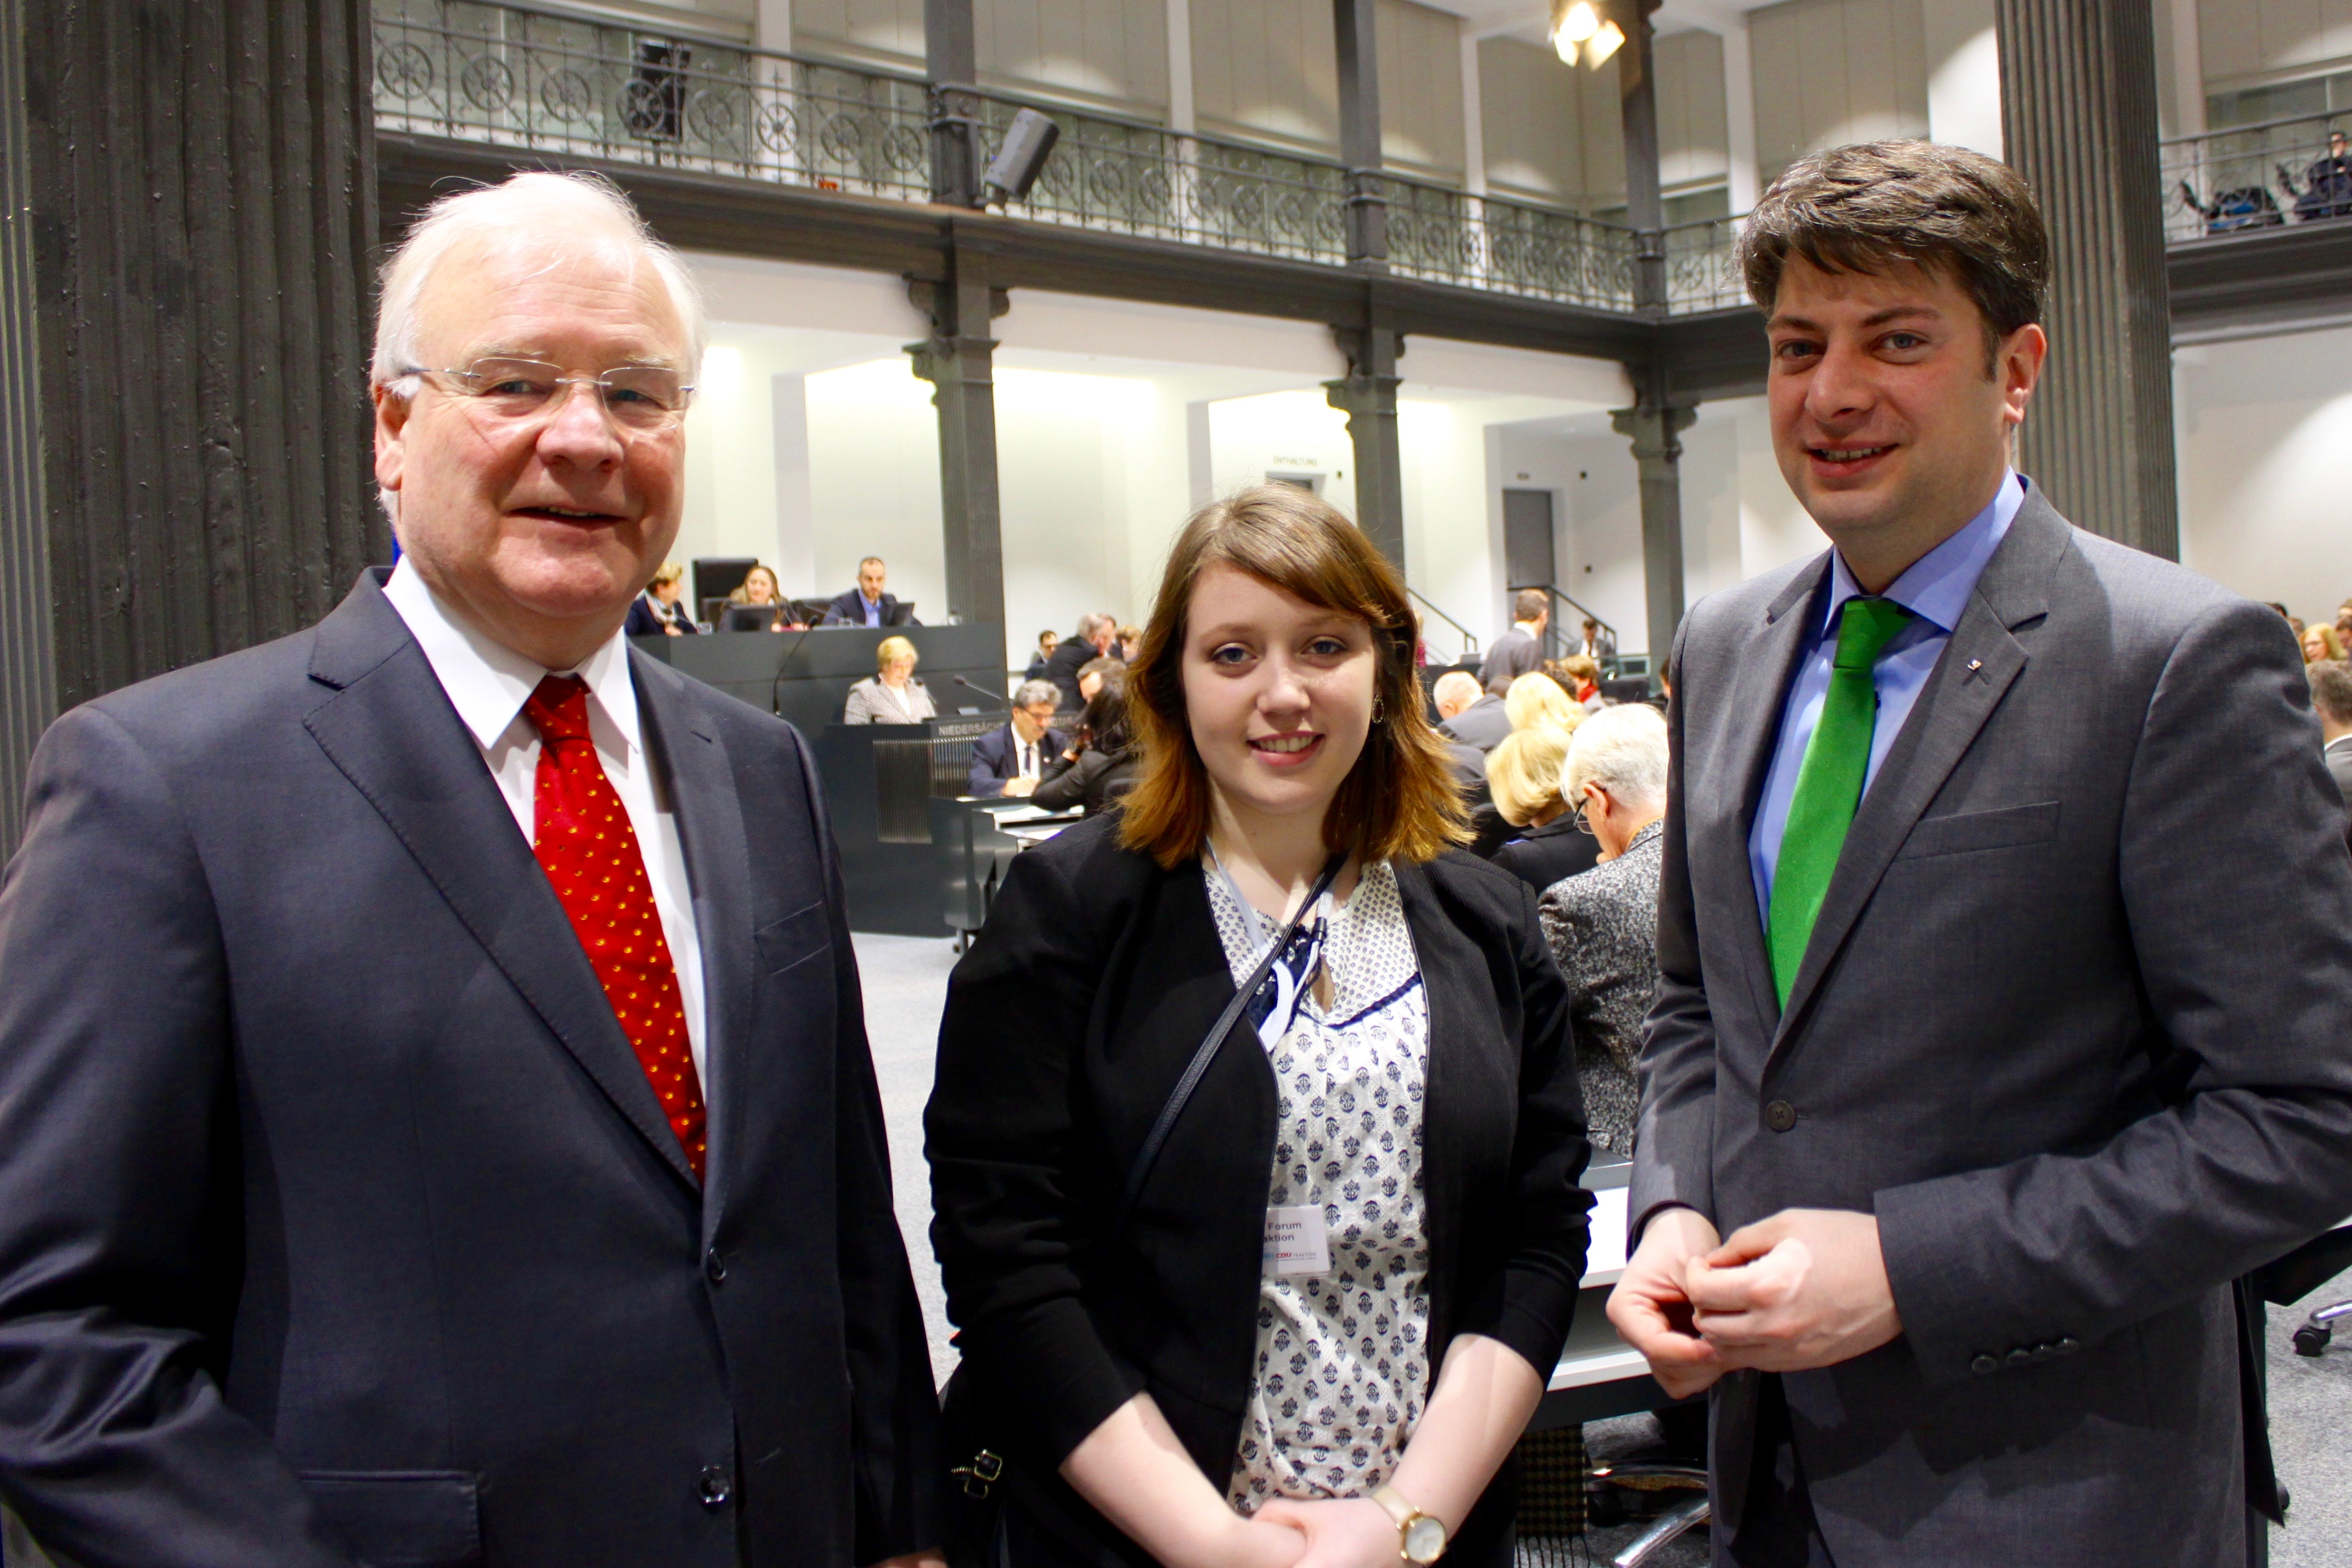 Besuch im Landtag, Foto mit dem Landtagspräsidenten: Auf Einladung von Christian Calderone (rechts) war Emily Davidson zu Gast im Landtag, wo sie von Bernd Busmann begrüßt wurde. Foto: Fredermann